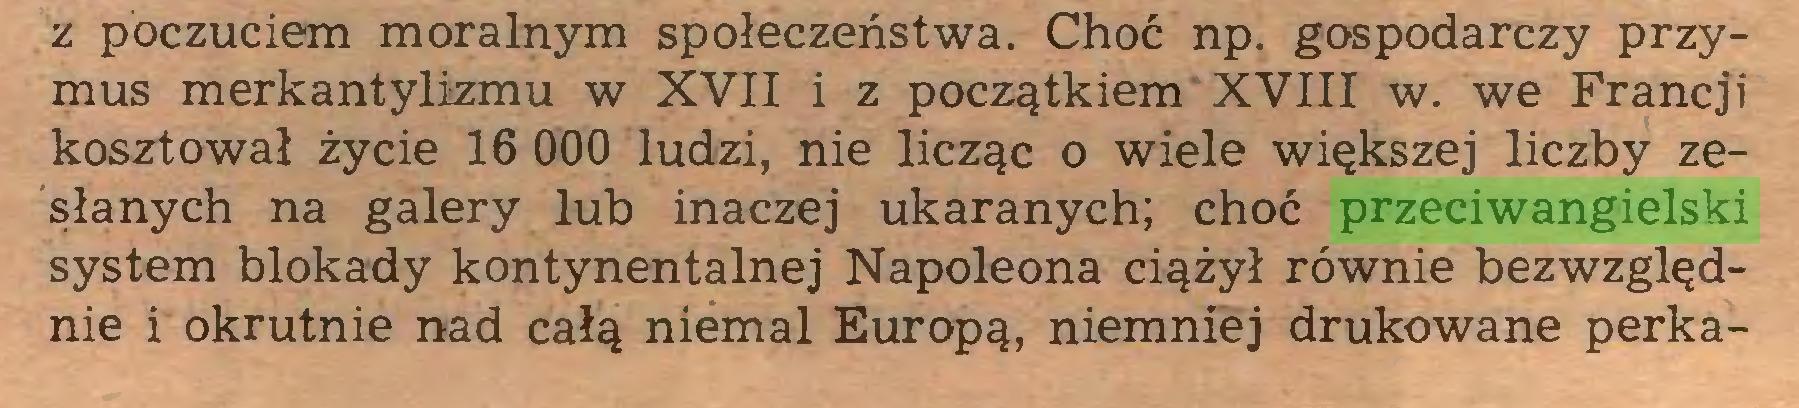 (...) z poczuciem moralnym społeczeństwa. Choć np. gospodarczy przymus merkantylizmu w XVII i z początkiem XVIII w. we Francji kosztował życie 16 060 ludzi, nie licząc o wiele większej liczby zesłanych na galery lub inaczej ukaranych; choć przeciwangielski system blokady kontynentalnej Napoleona ciążył równie bezwzględnie i okrutnie nad całą niemal Europą, niemniej drukowane perka...